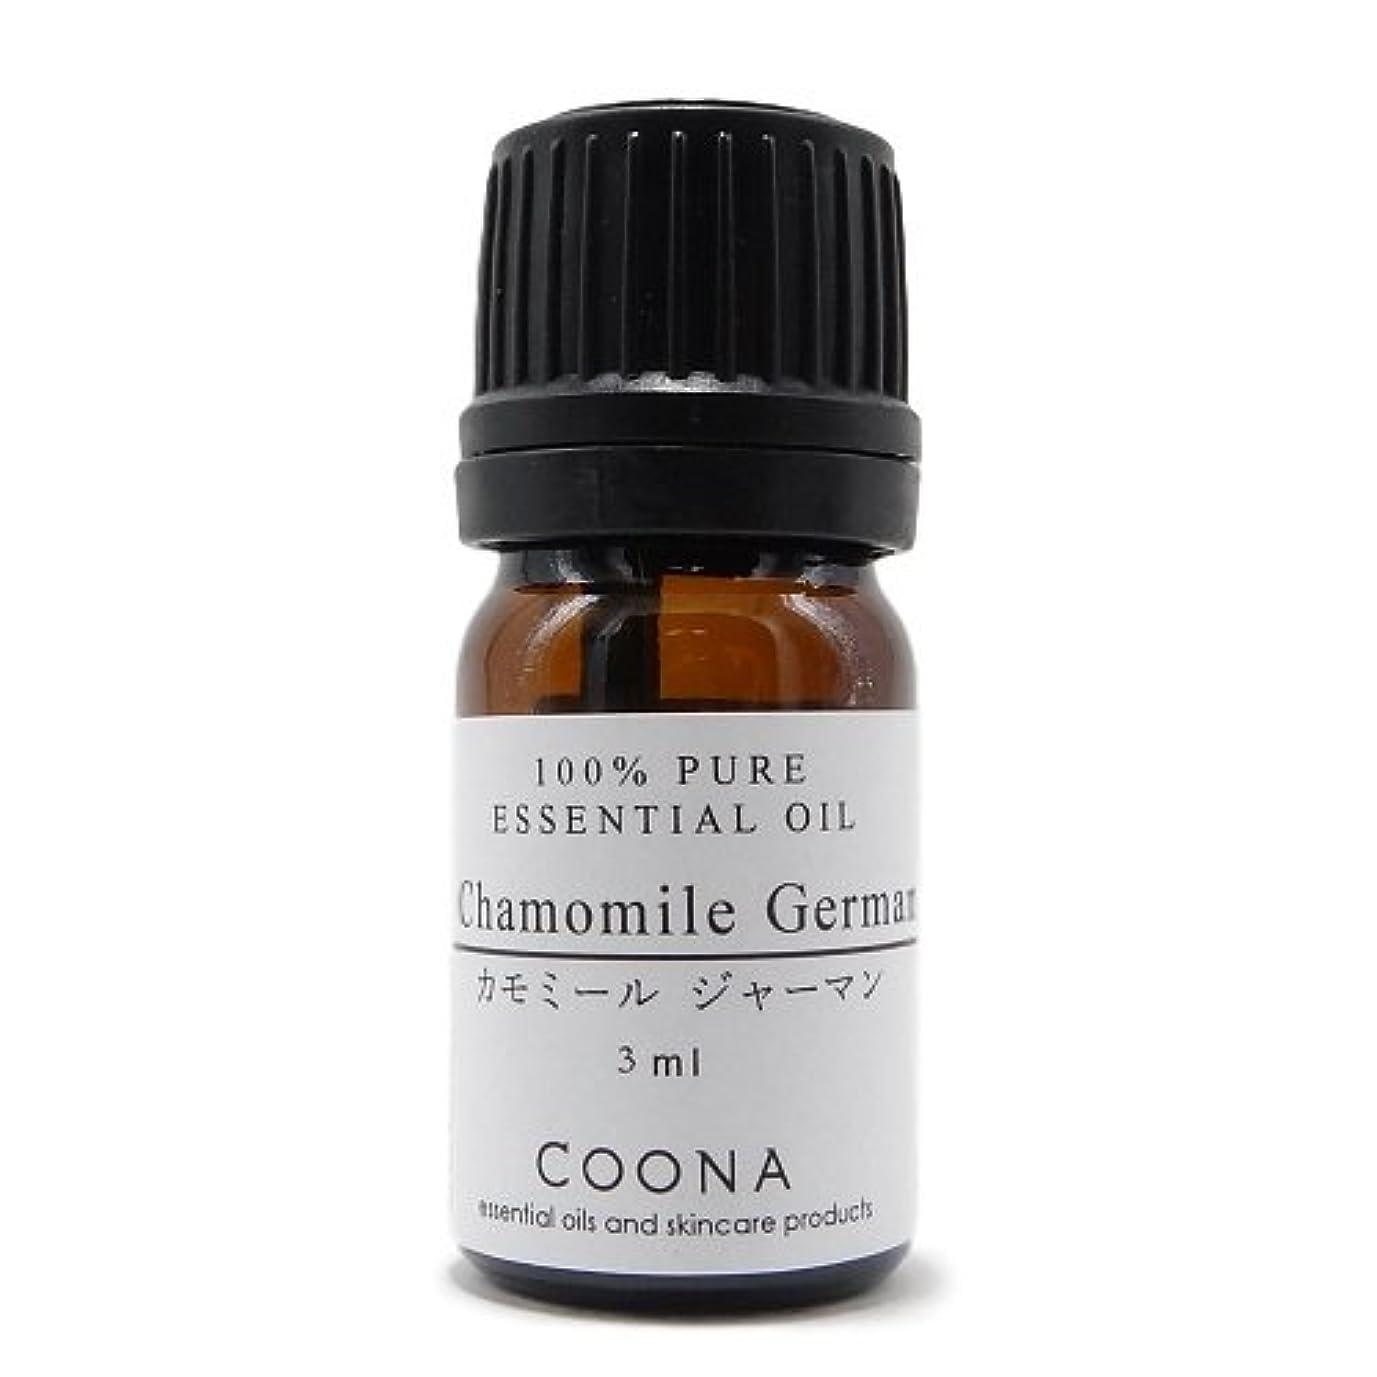 役職提供新しさカモミール ジャーマン 3 ml (COONA エッセンシャルオイル アロマオイル 100% 天然植物精油)